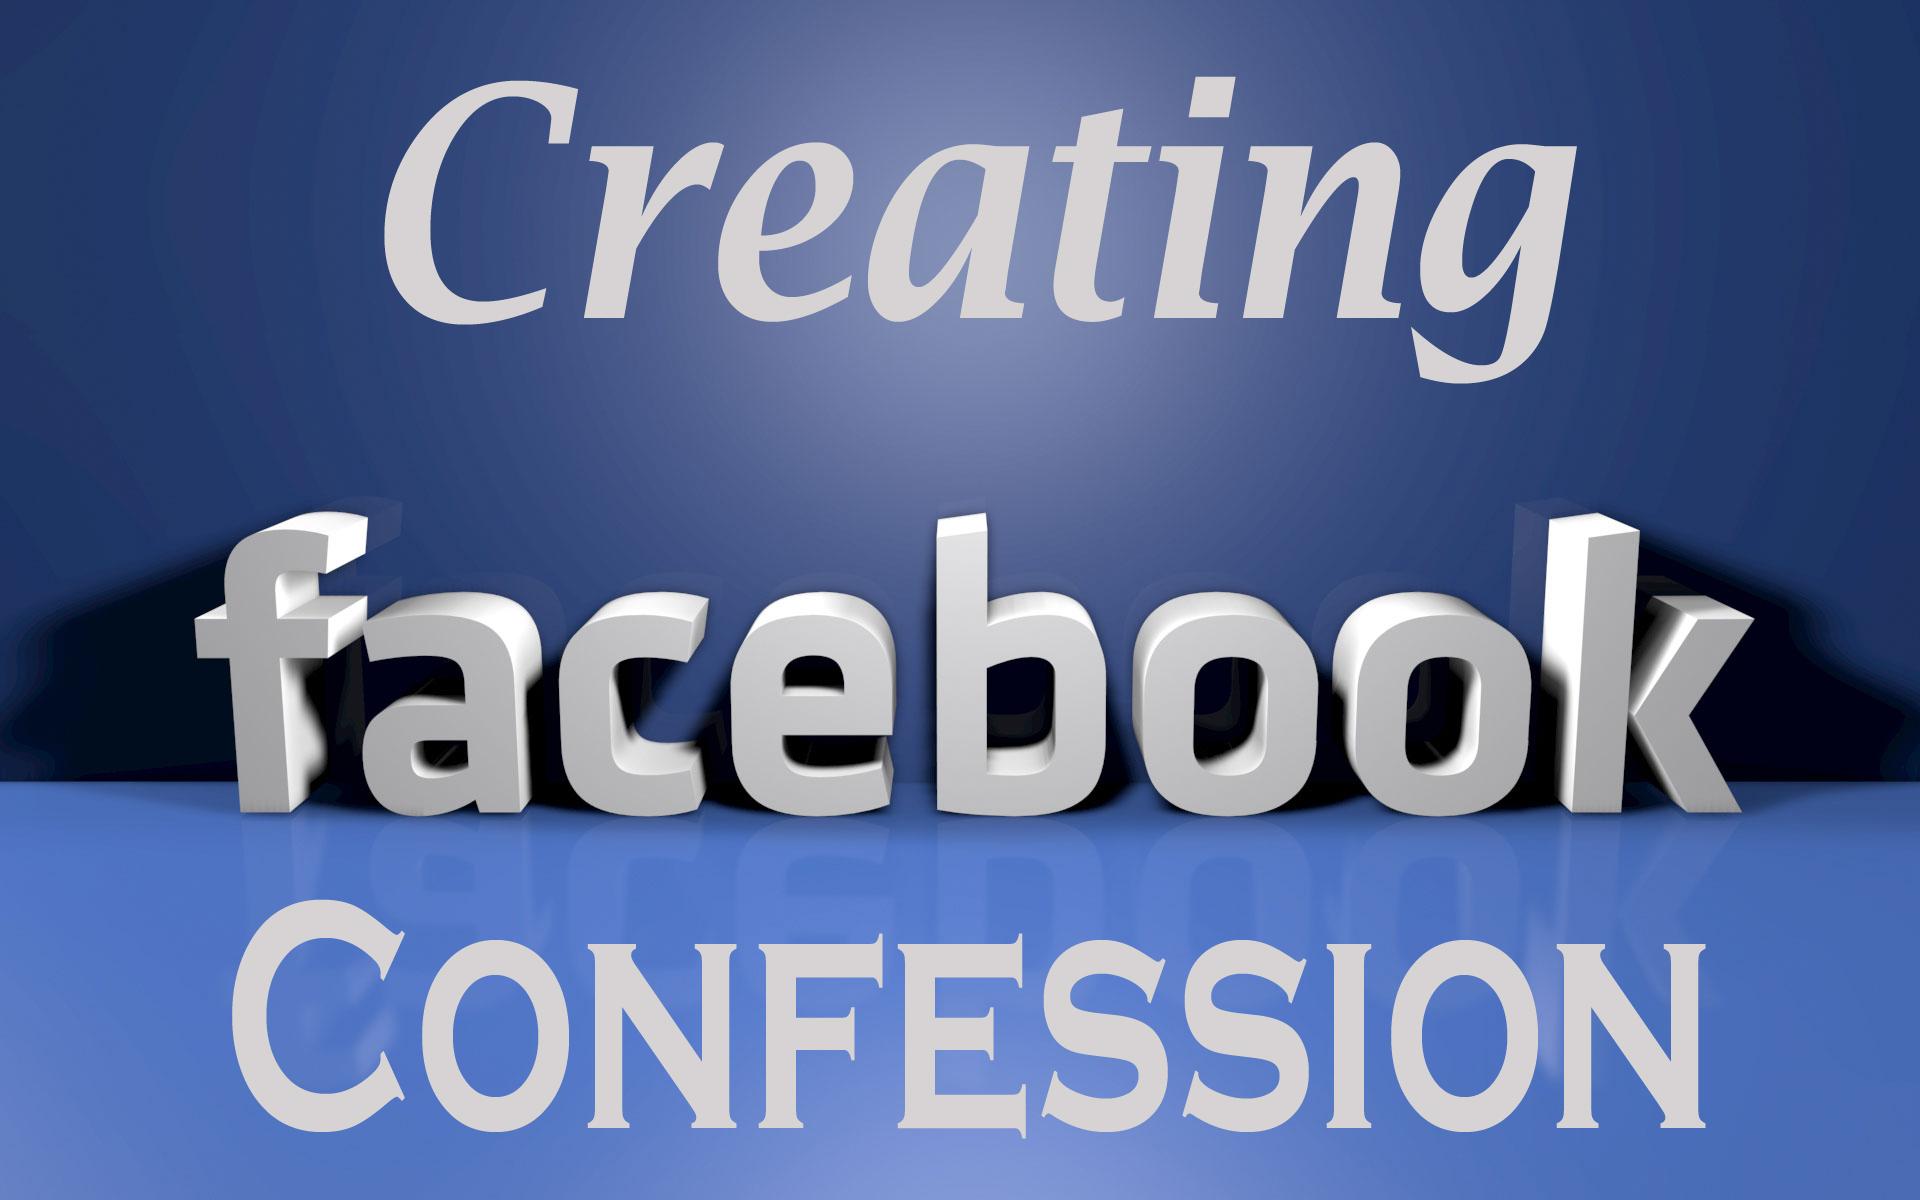 Những Cách tạo Confession đơn giản trên Facebook với Google Docs